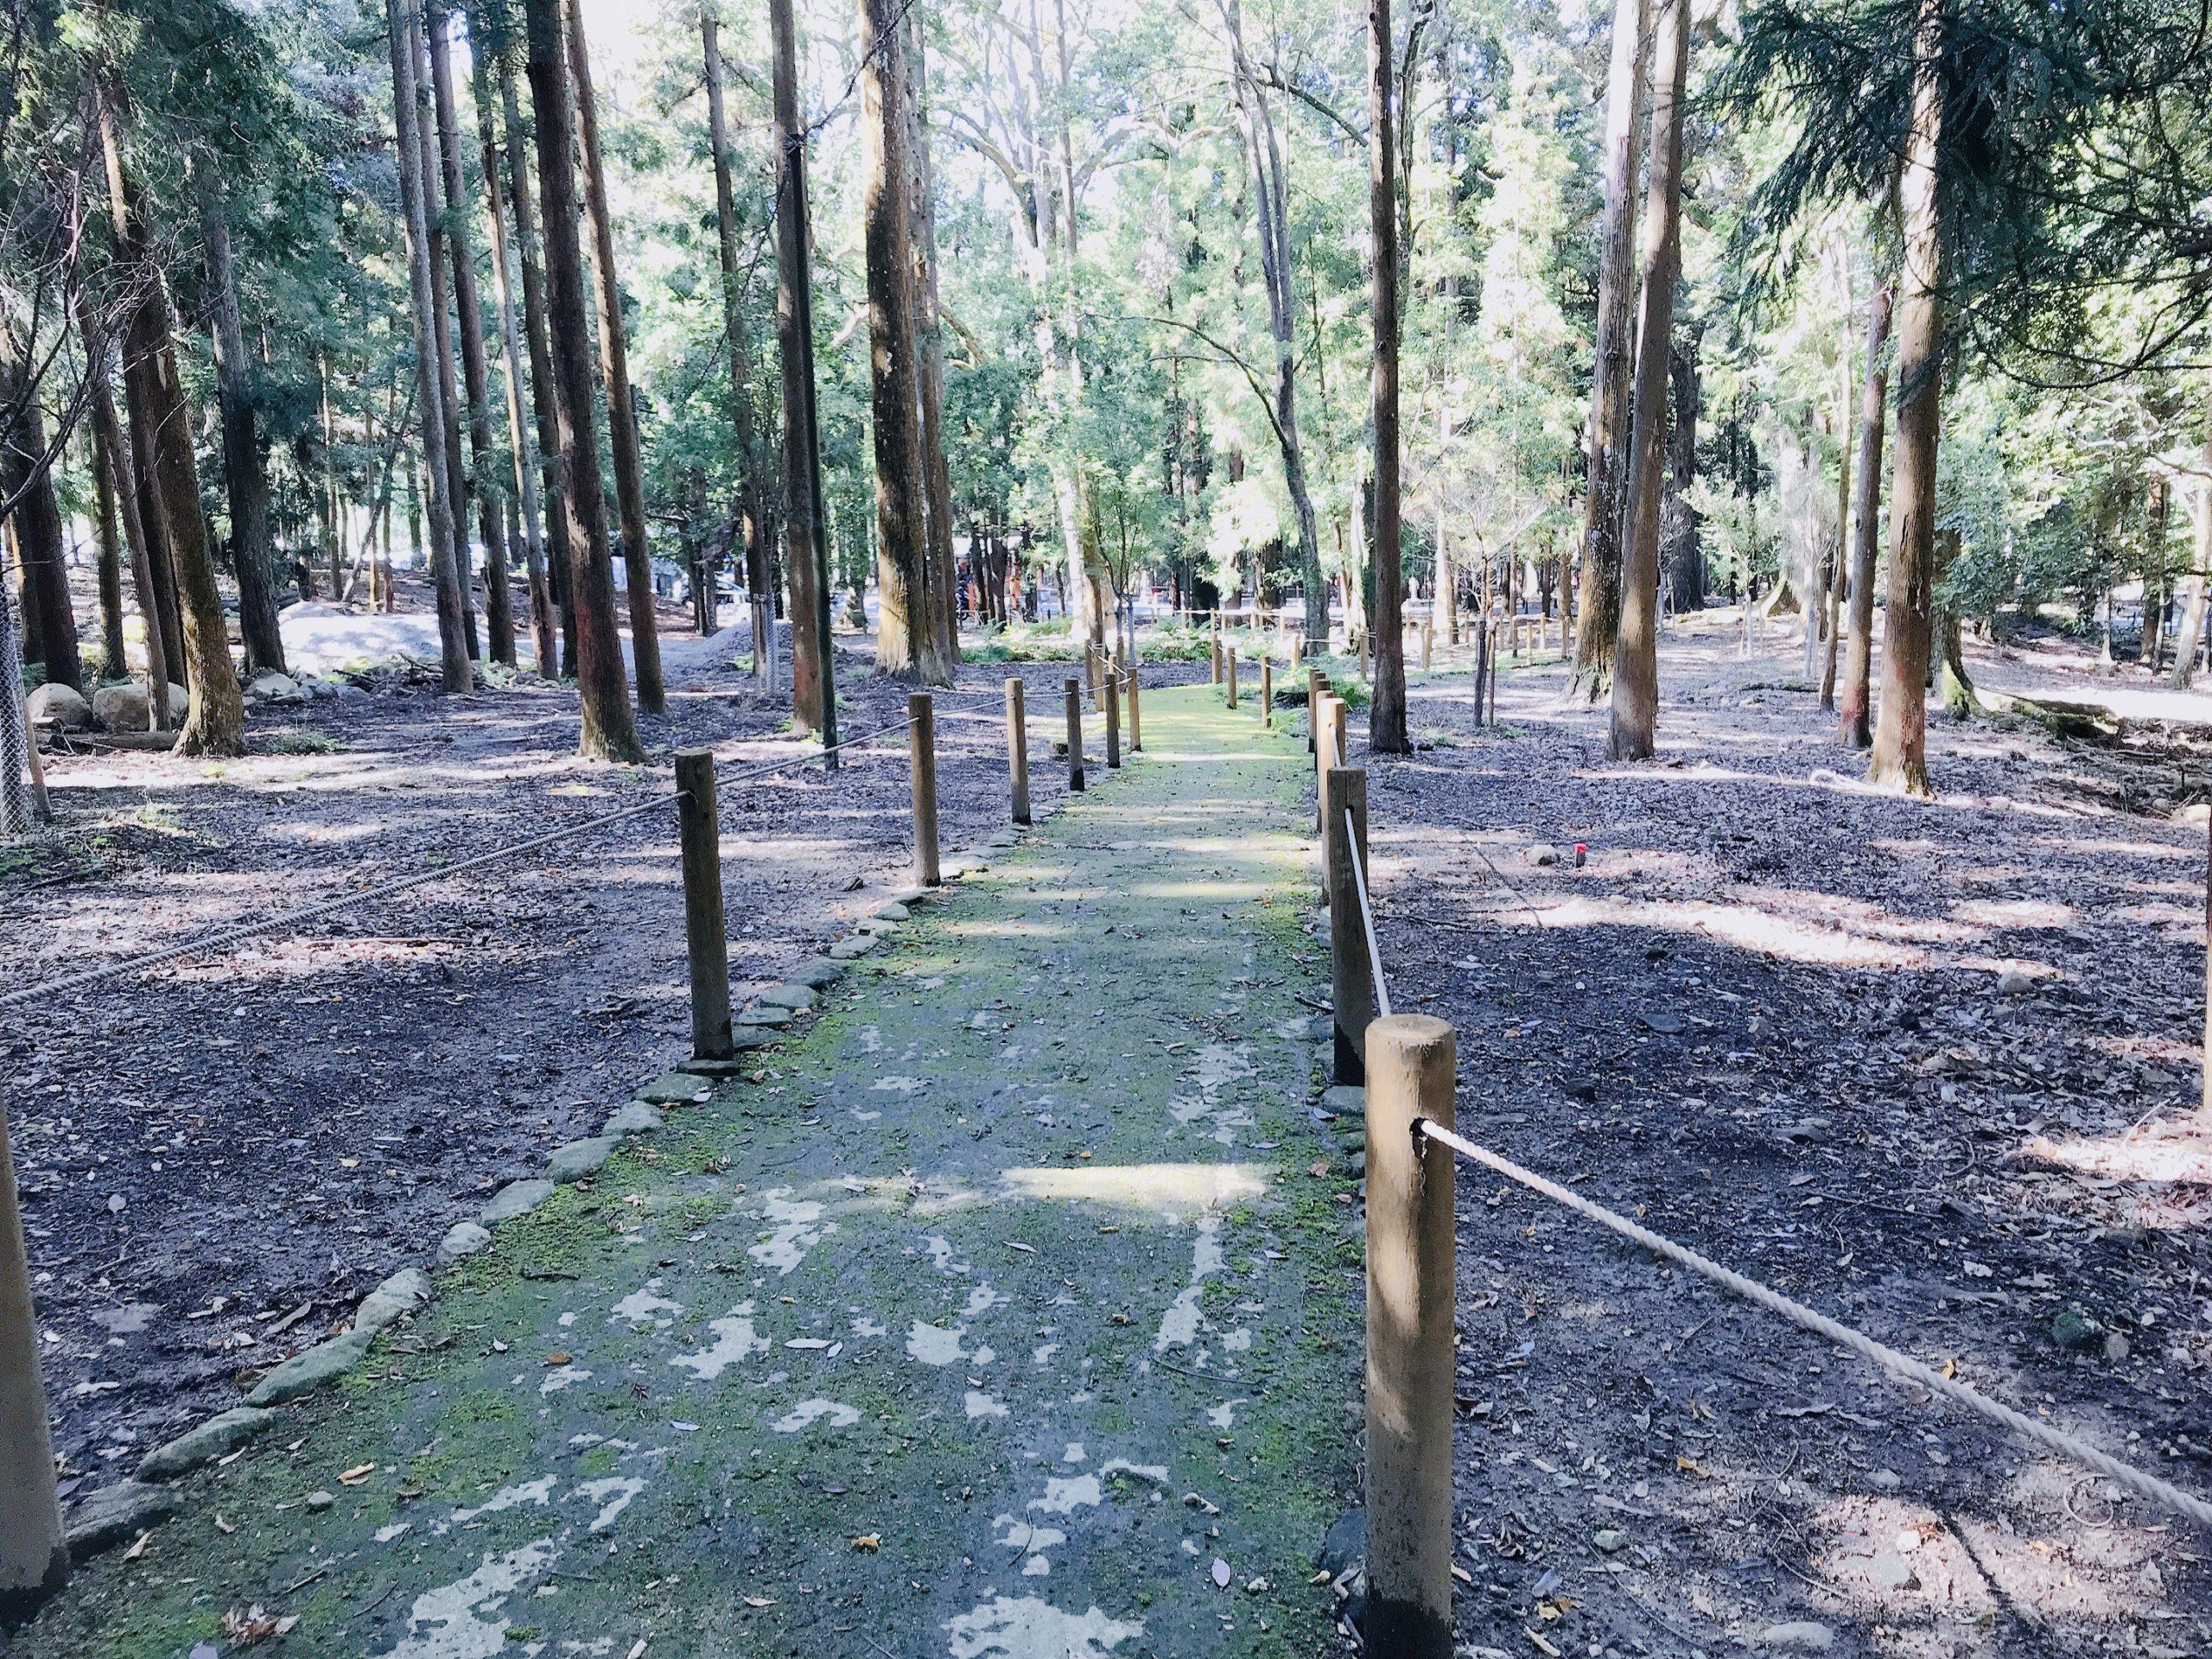 奈良公園・春日大社で自然と鹿を満喫